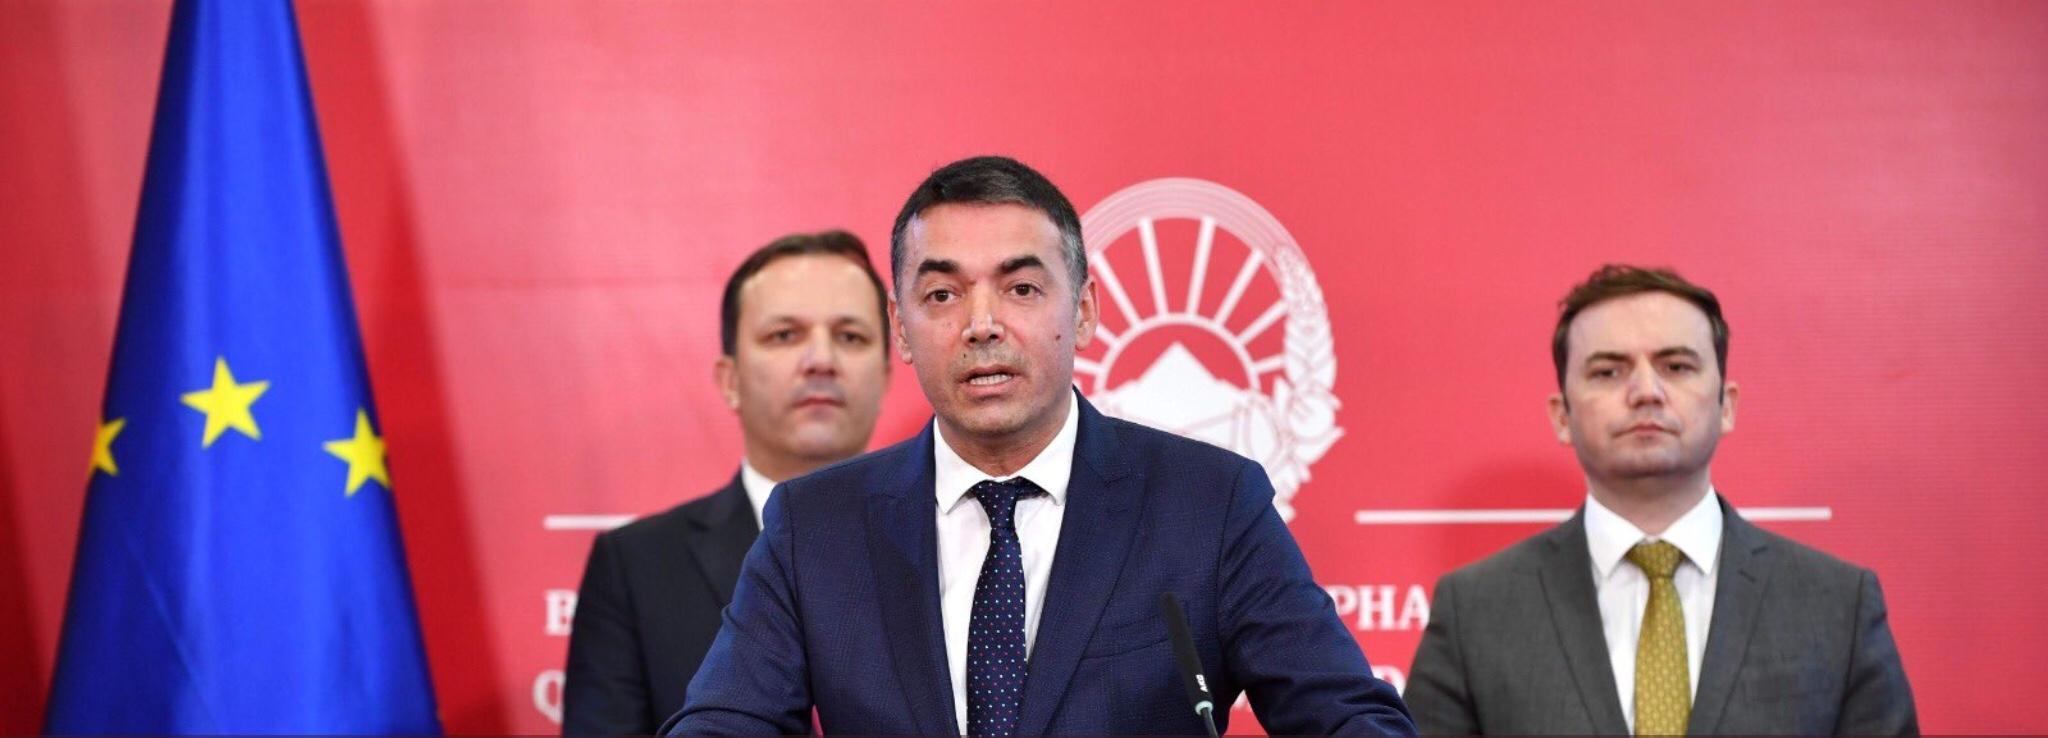 EU welcome to Albania & N.Macedonia